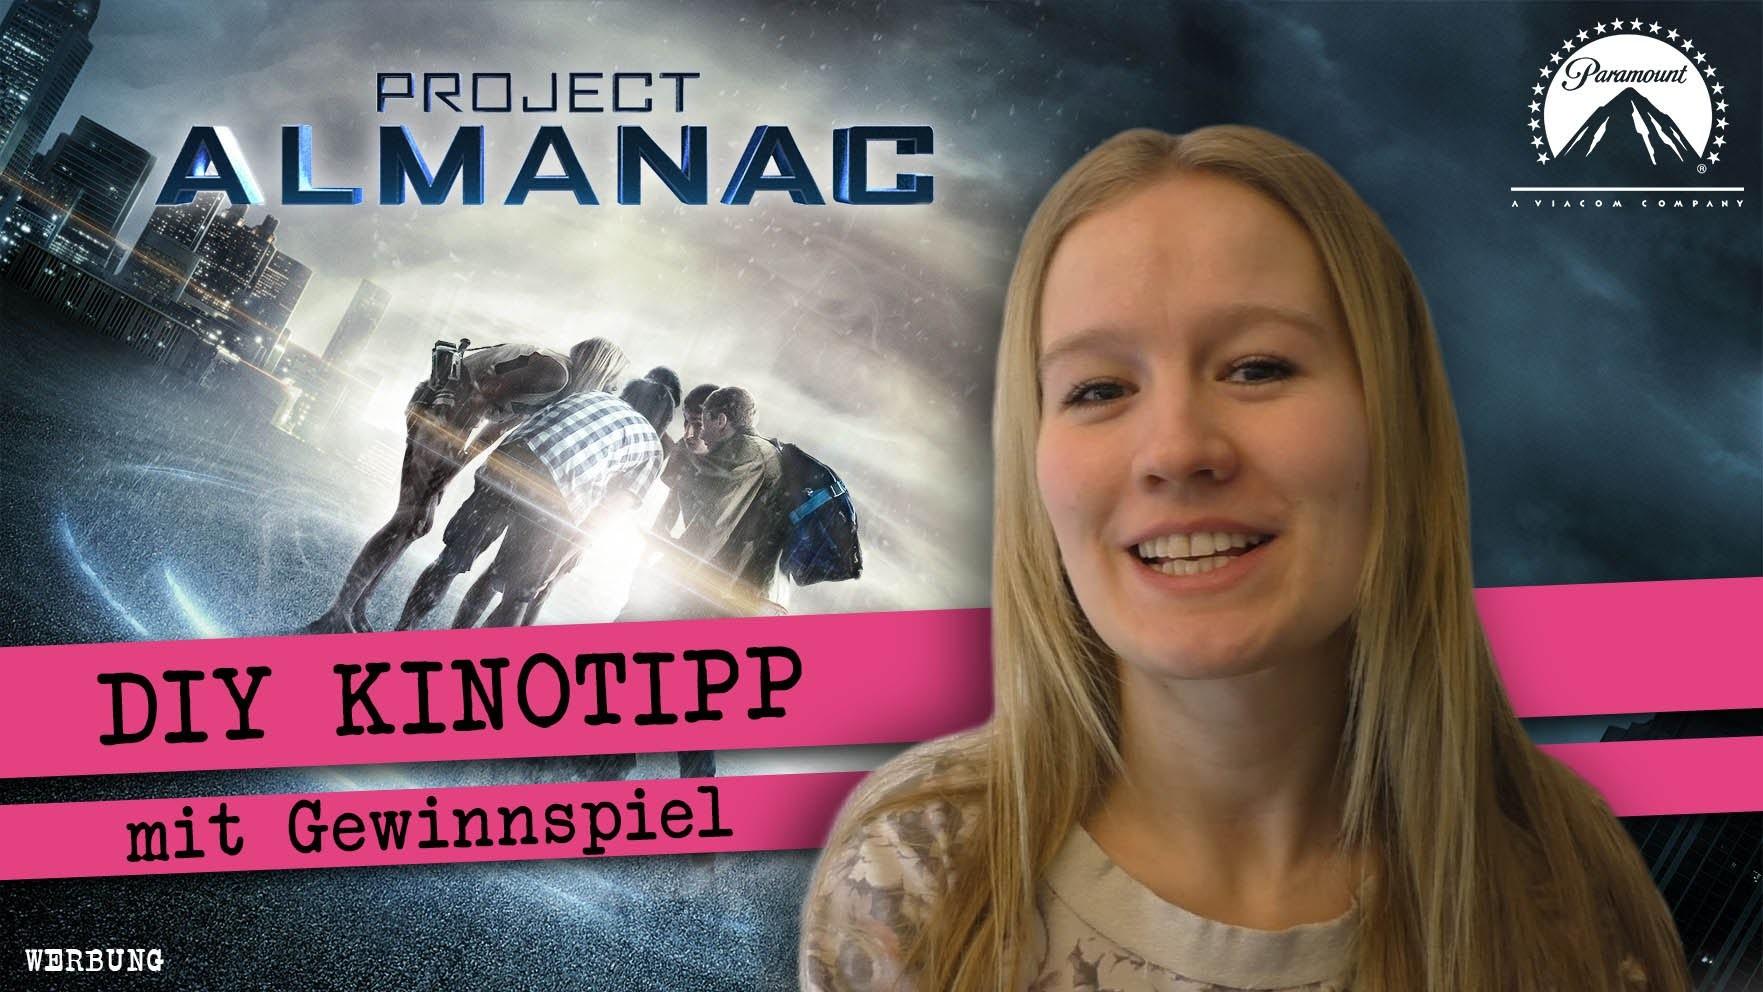 DIY zum Kinofilm PROJECT ALMANAC. DIY Freundschaftsband knüpfen und Trailer   deutsch